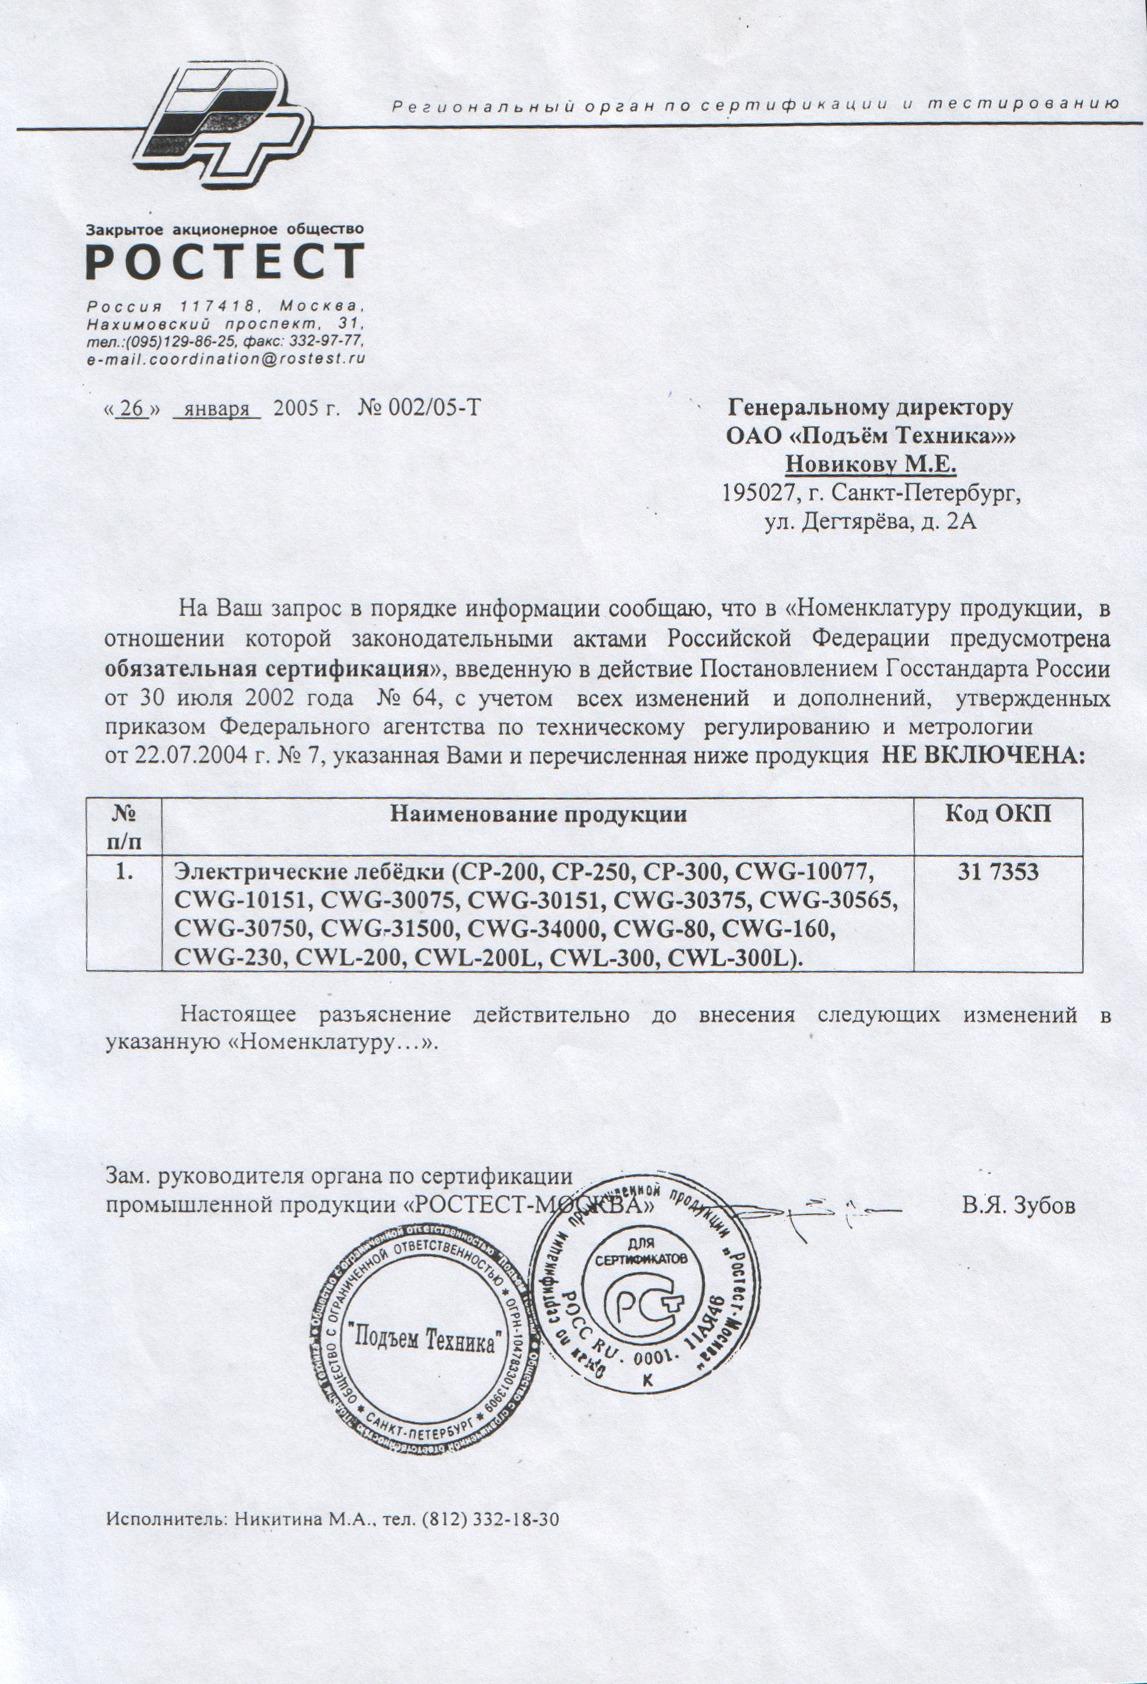 бланк письма о том что груз не подлежит сертификации